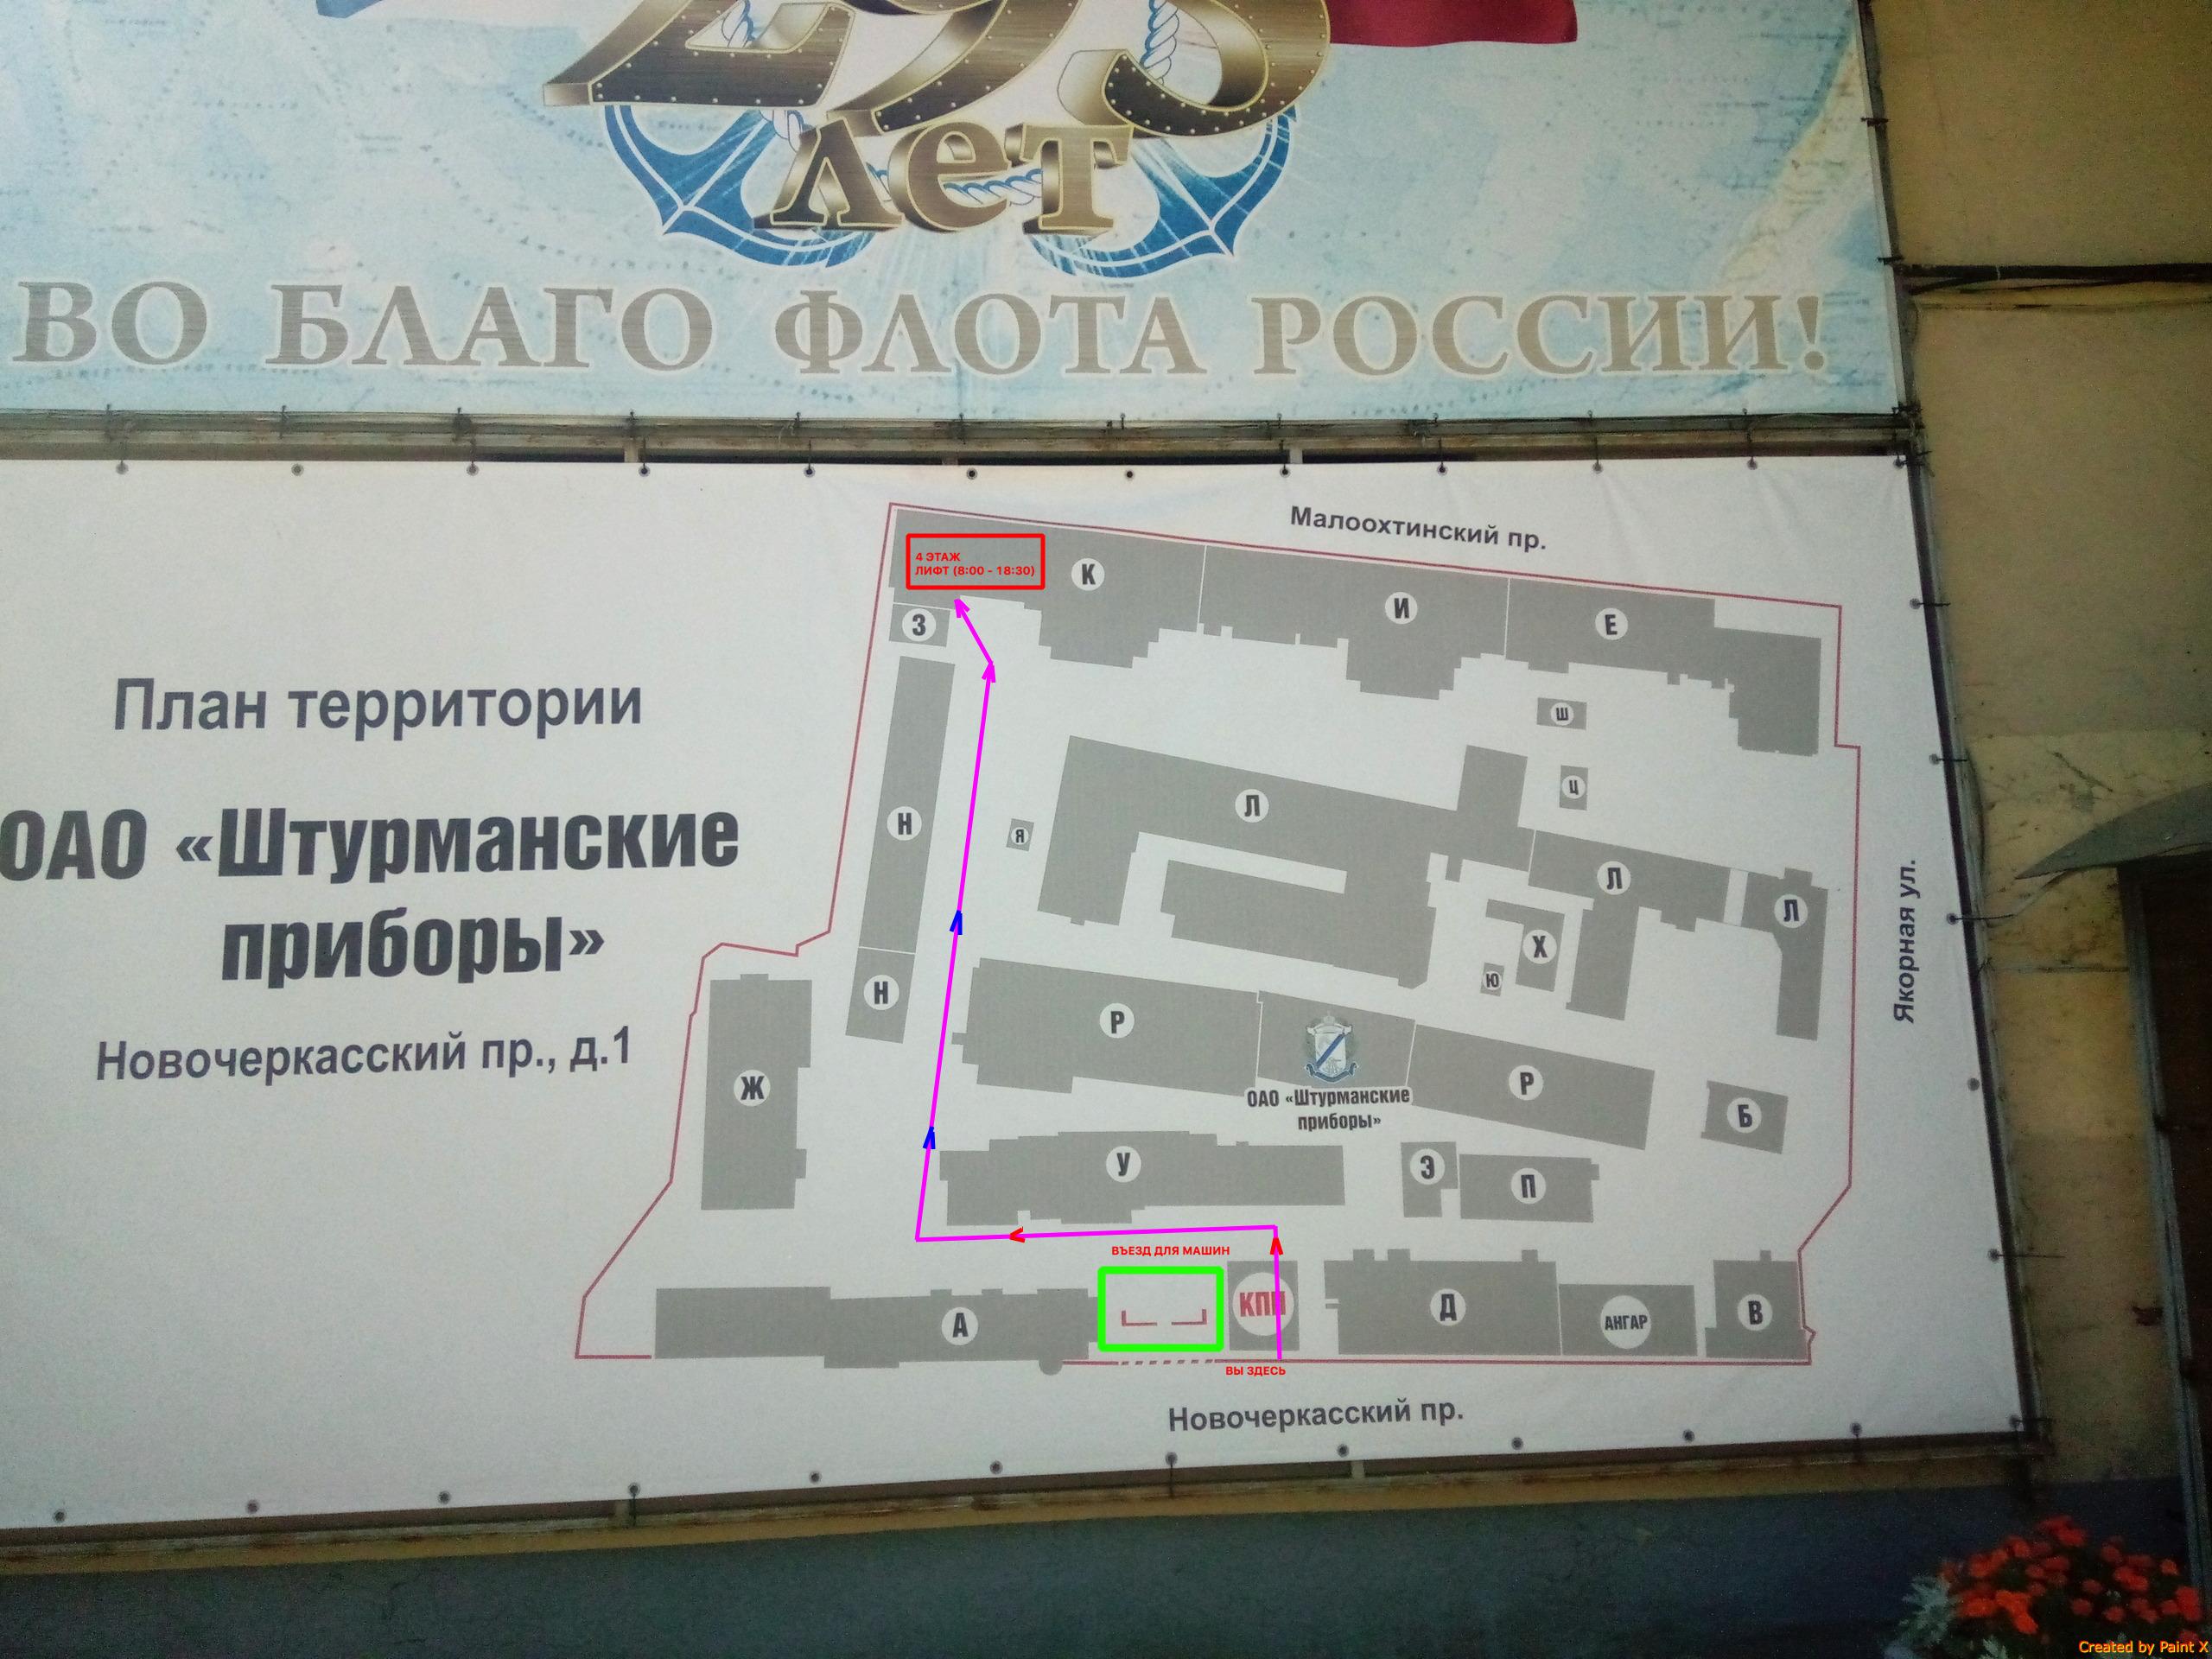 Шаг №1: Данные определения места по GPS: 59.940588, 30.405225 (Новочеркасский пр. д. 1, к. К)